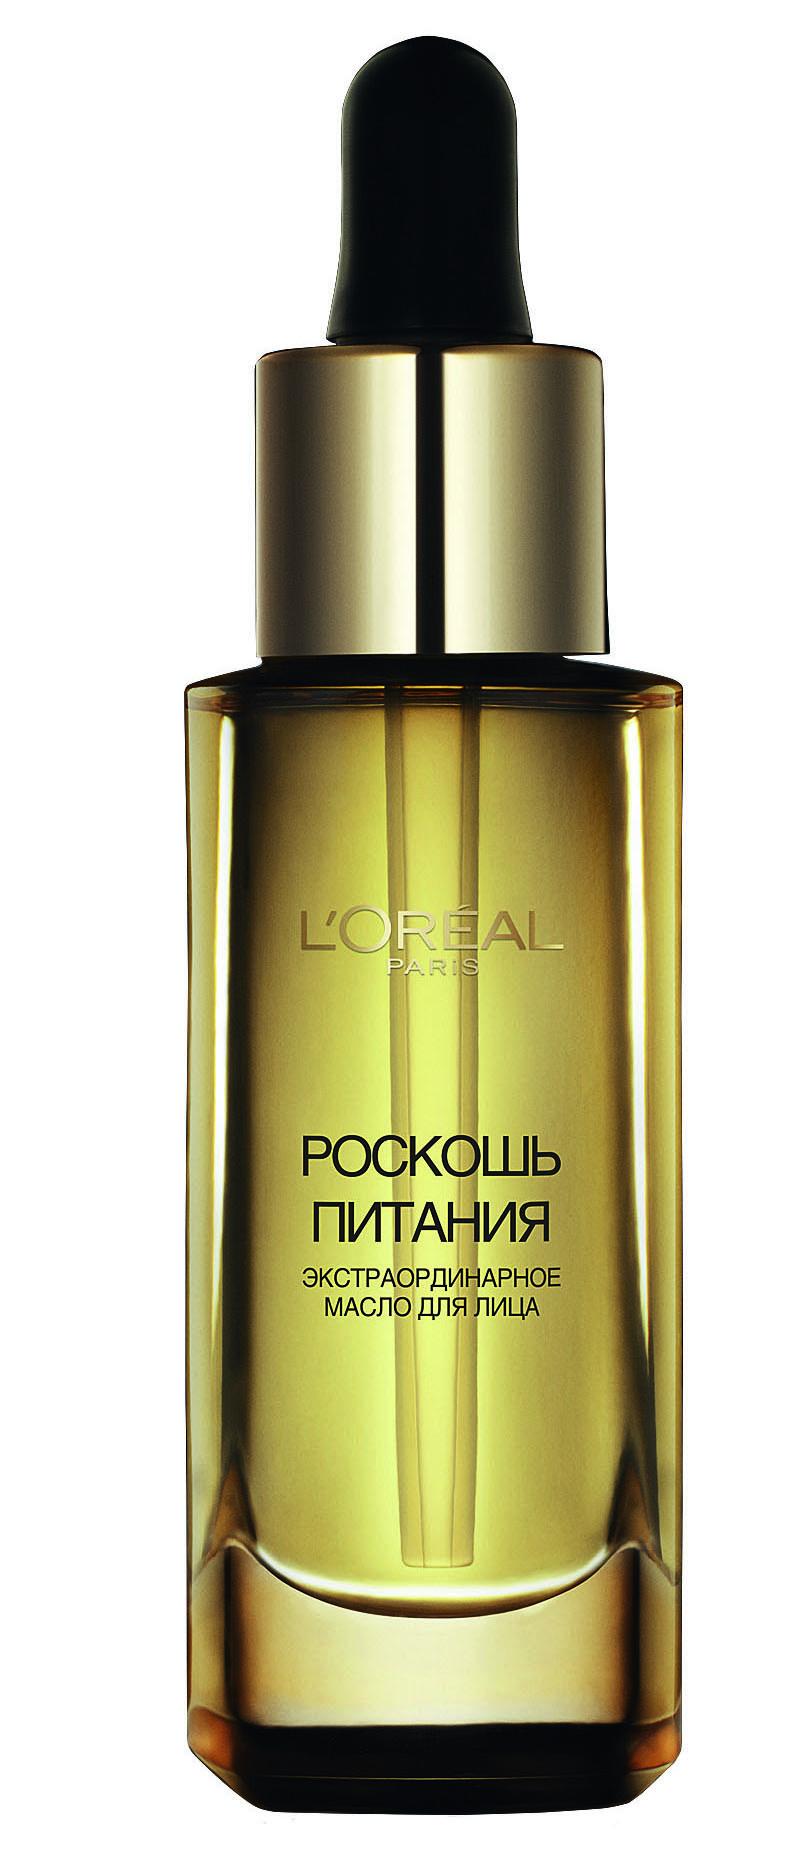 Экстраординарное масло для лица «Роскошь питания» L'Oréal Paris